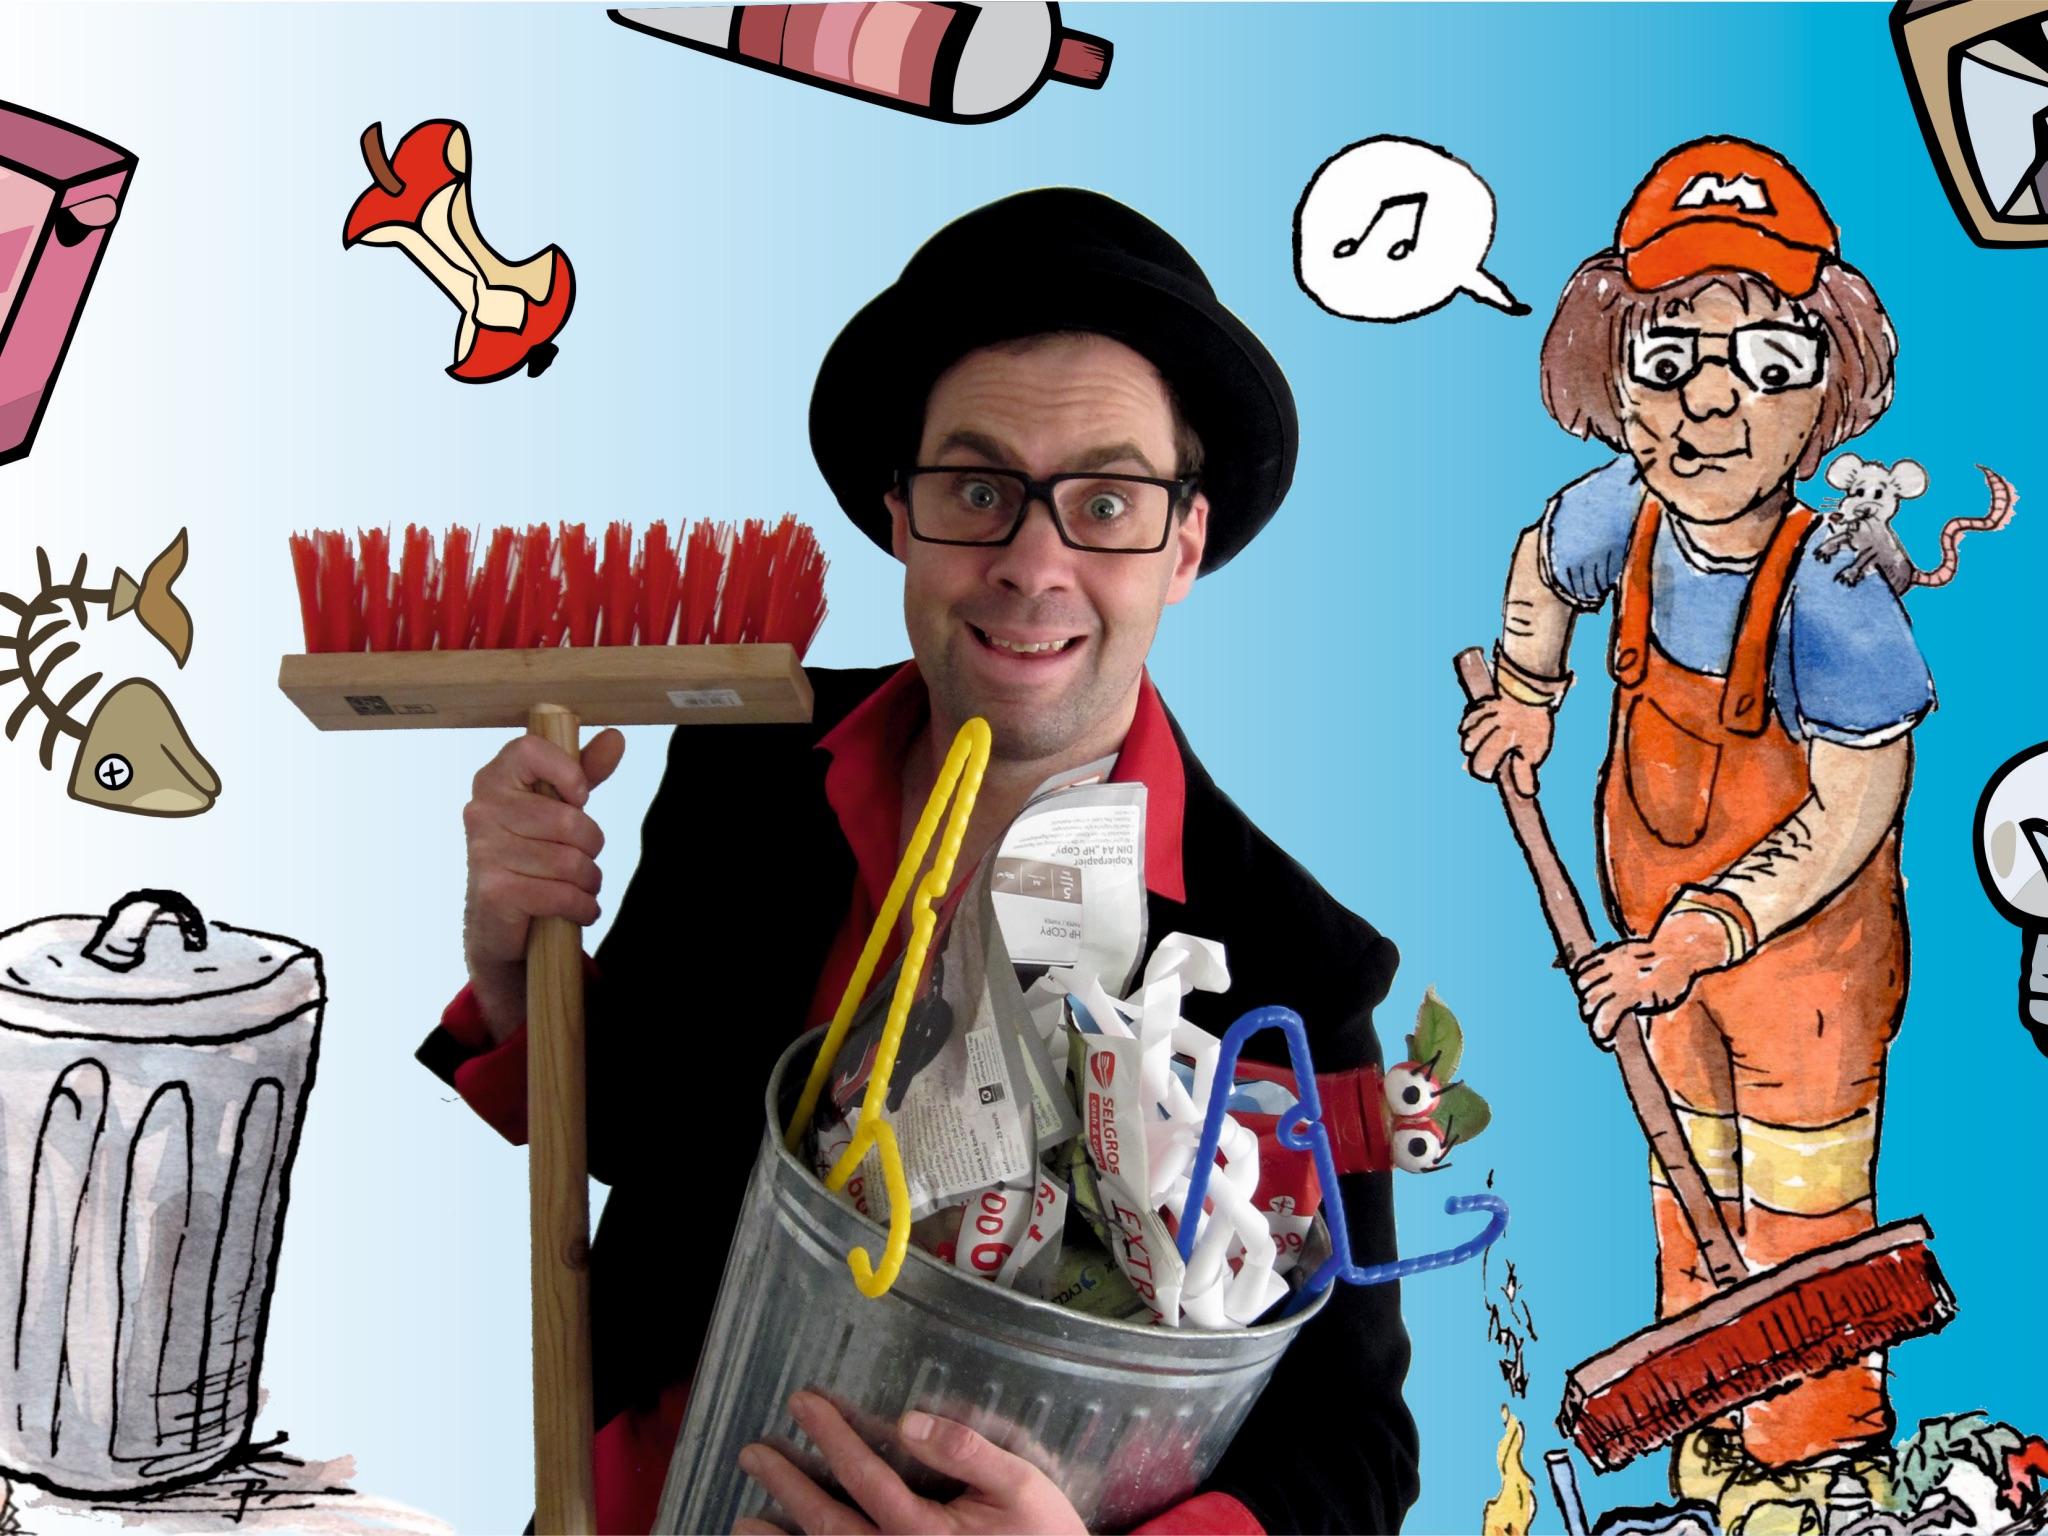 Zauberer ZaPPaloTT. Foto: C.Kirchner / Illustration M.Riecnecker